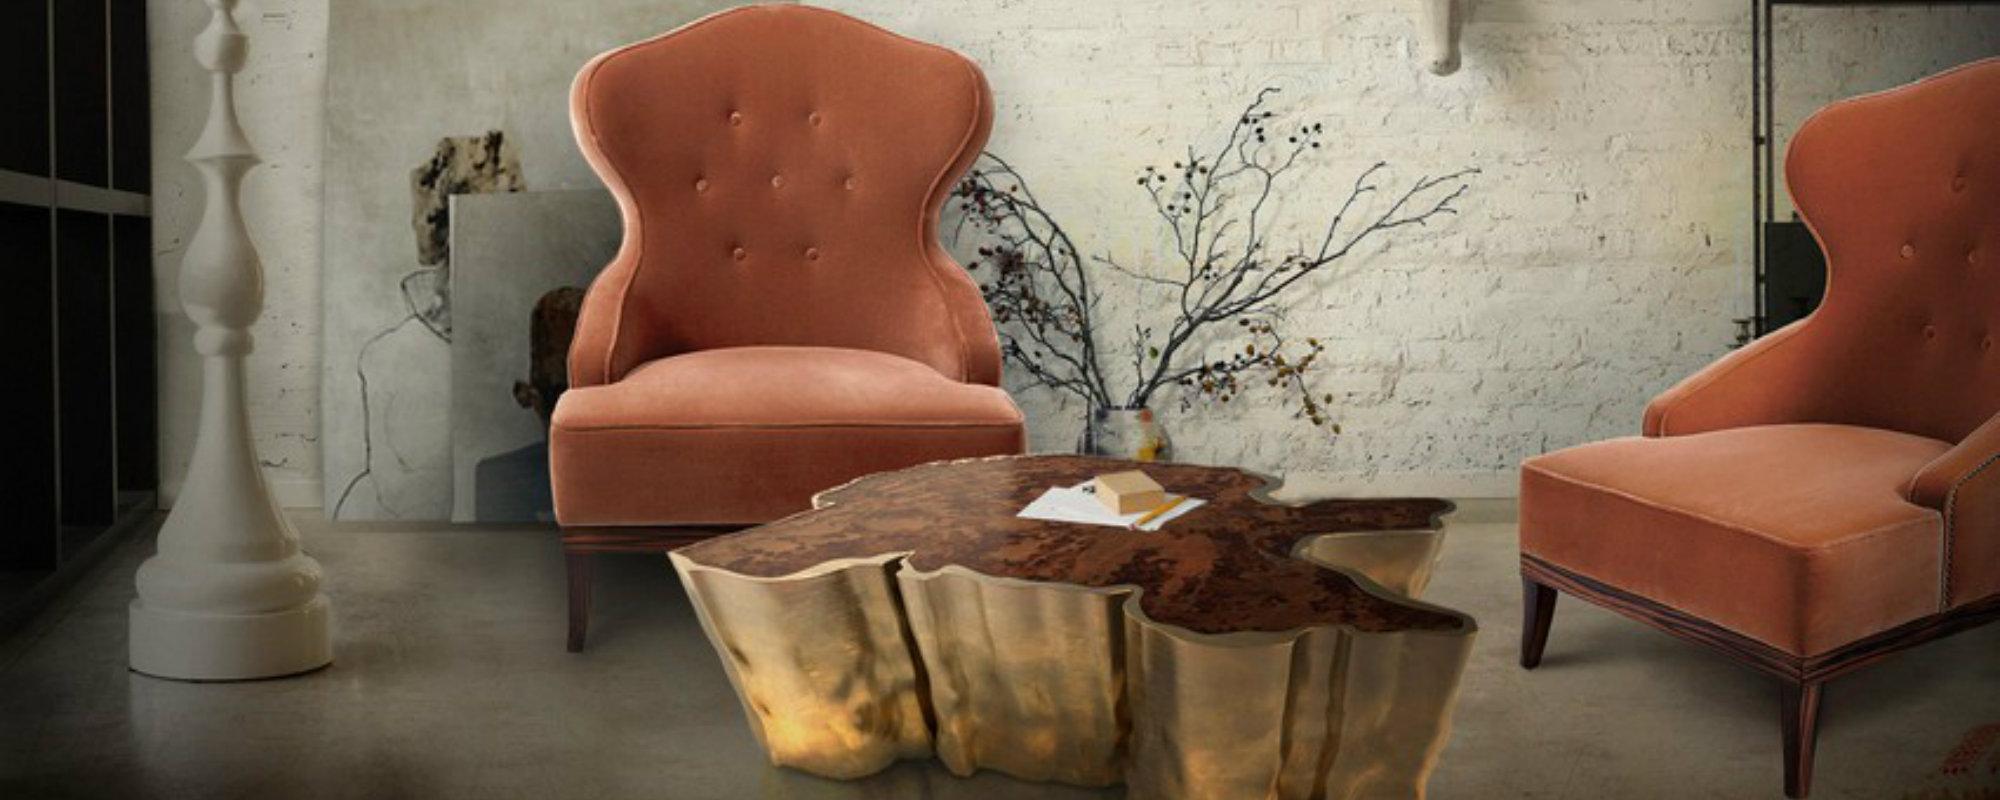 Tendencias para Decorar: Seleción de productos de lujo by Covet House tendencias para decorar Tendencias para Decorar: Seleción de productos de lujo by Covet House Featured1